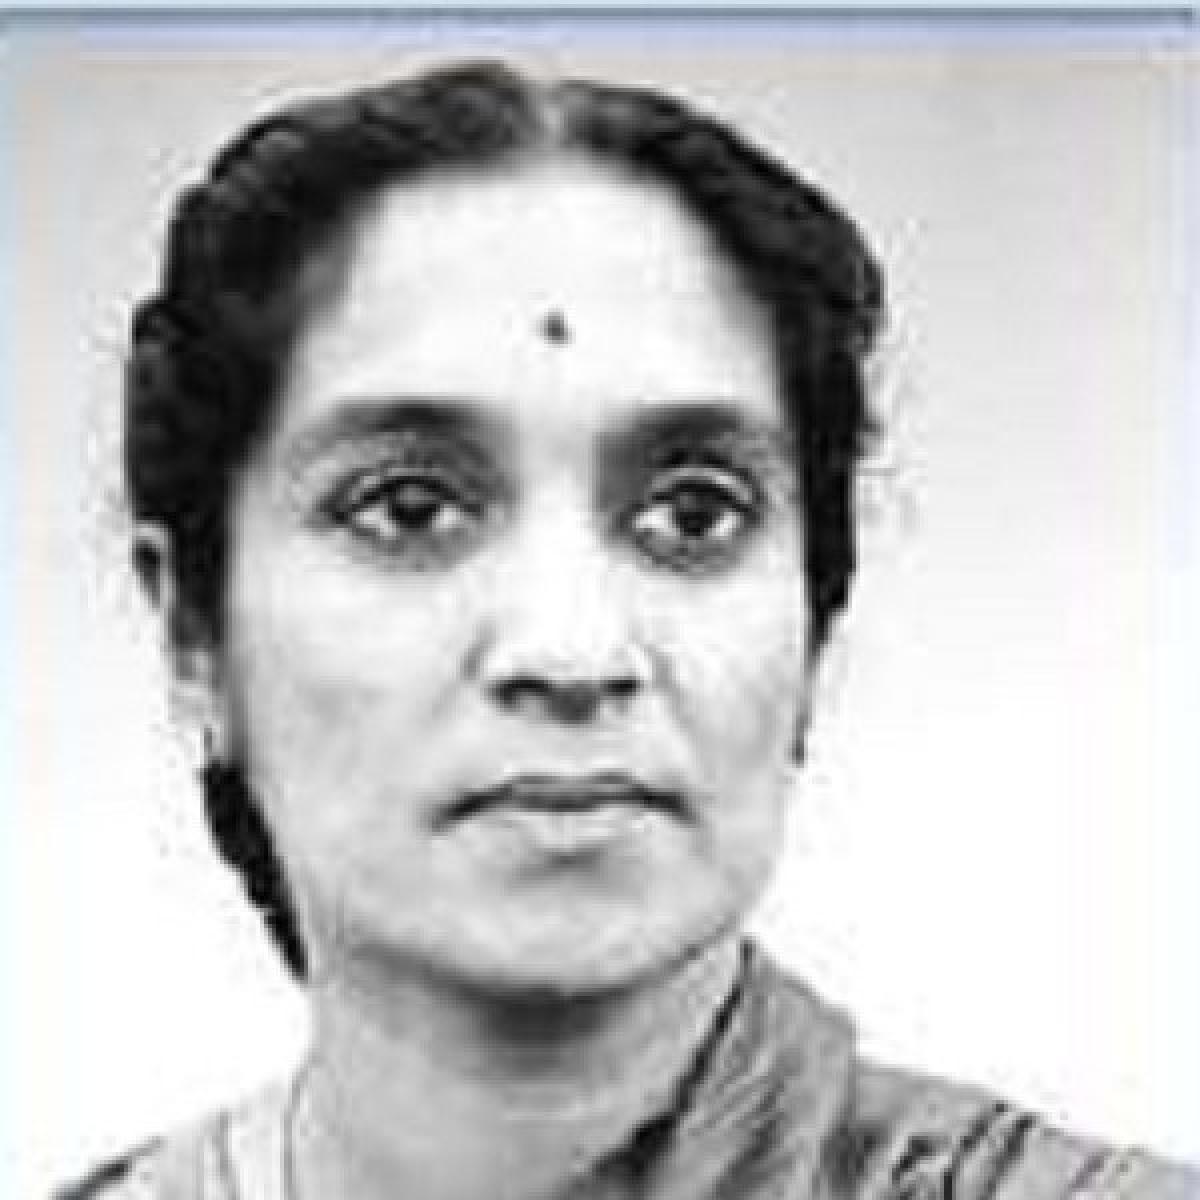 ஜமீன்தாரின் மகளுக்கு 50 ரூபாயில் திருமணம்! அரசியல் நேர்மை பார்வதி கிருஷ்ணனின் கதை #ParvathiKrishnan